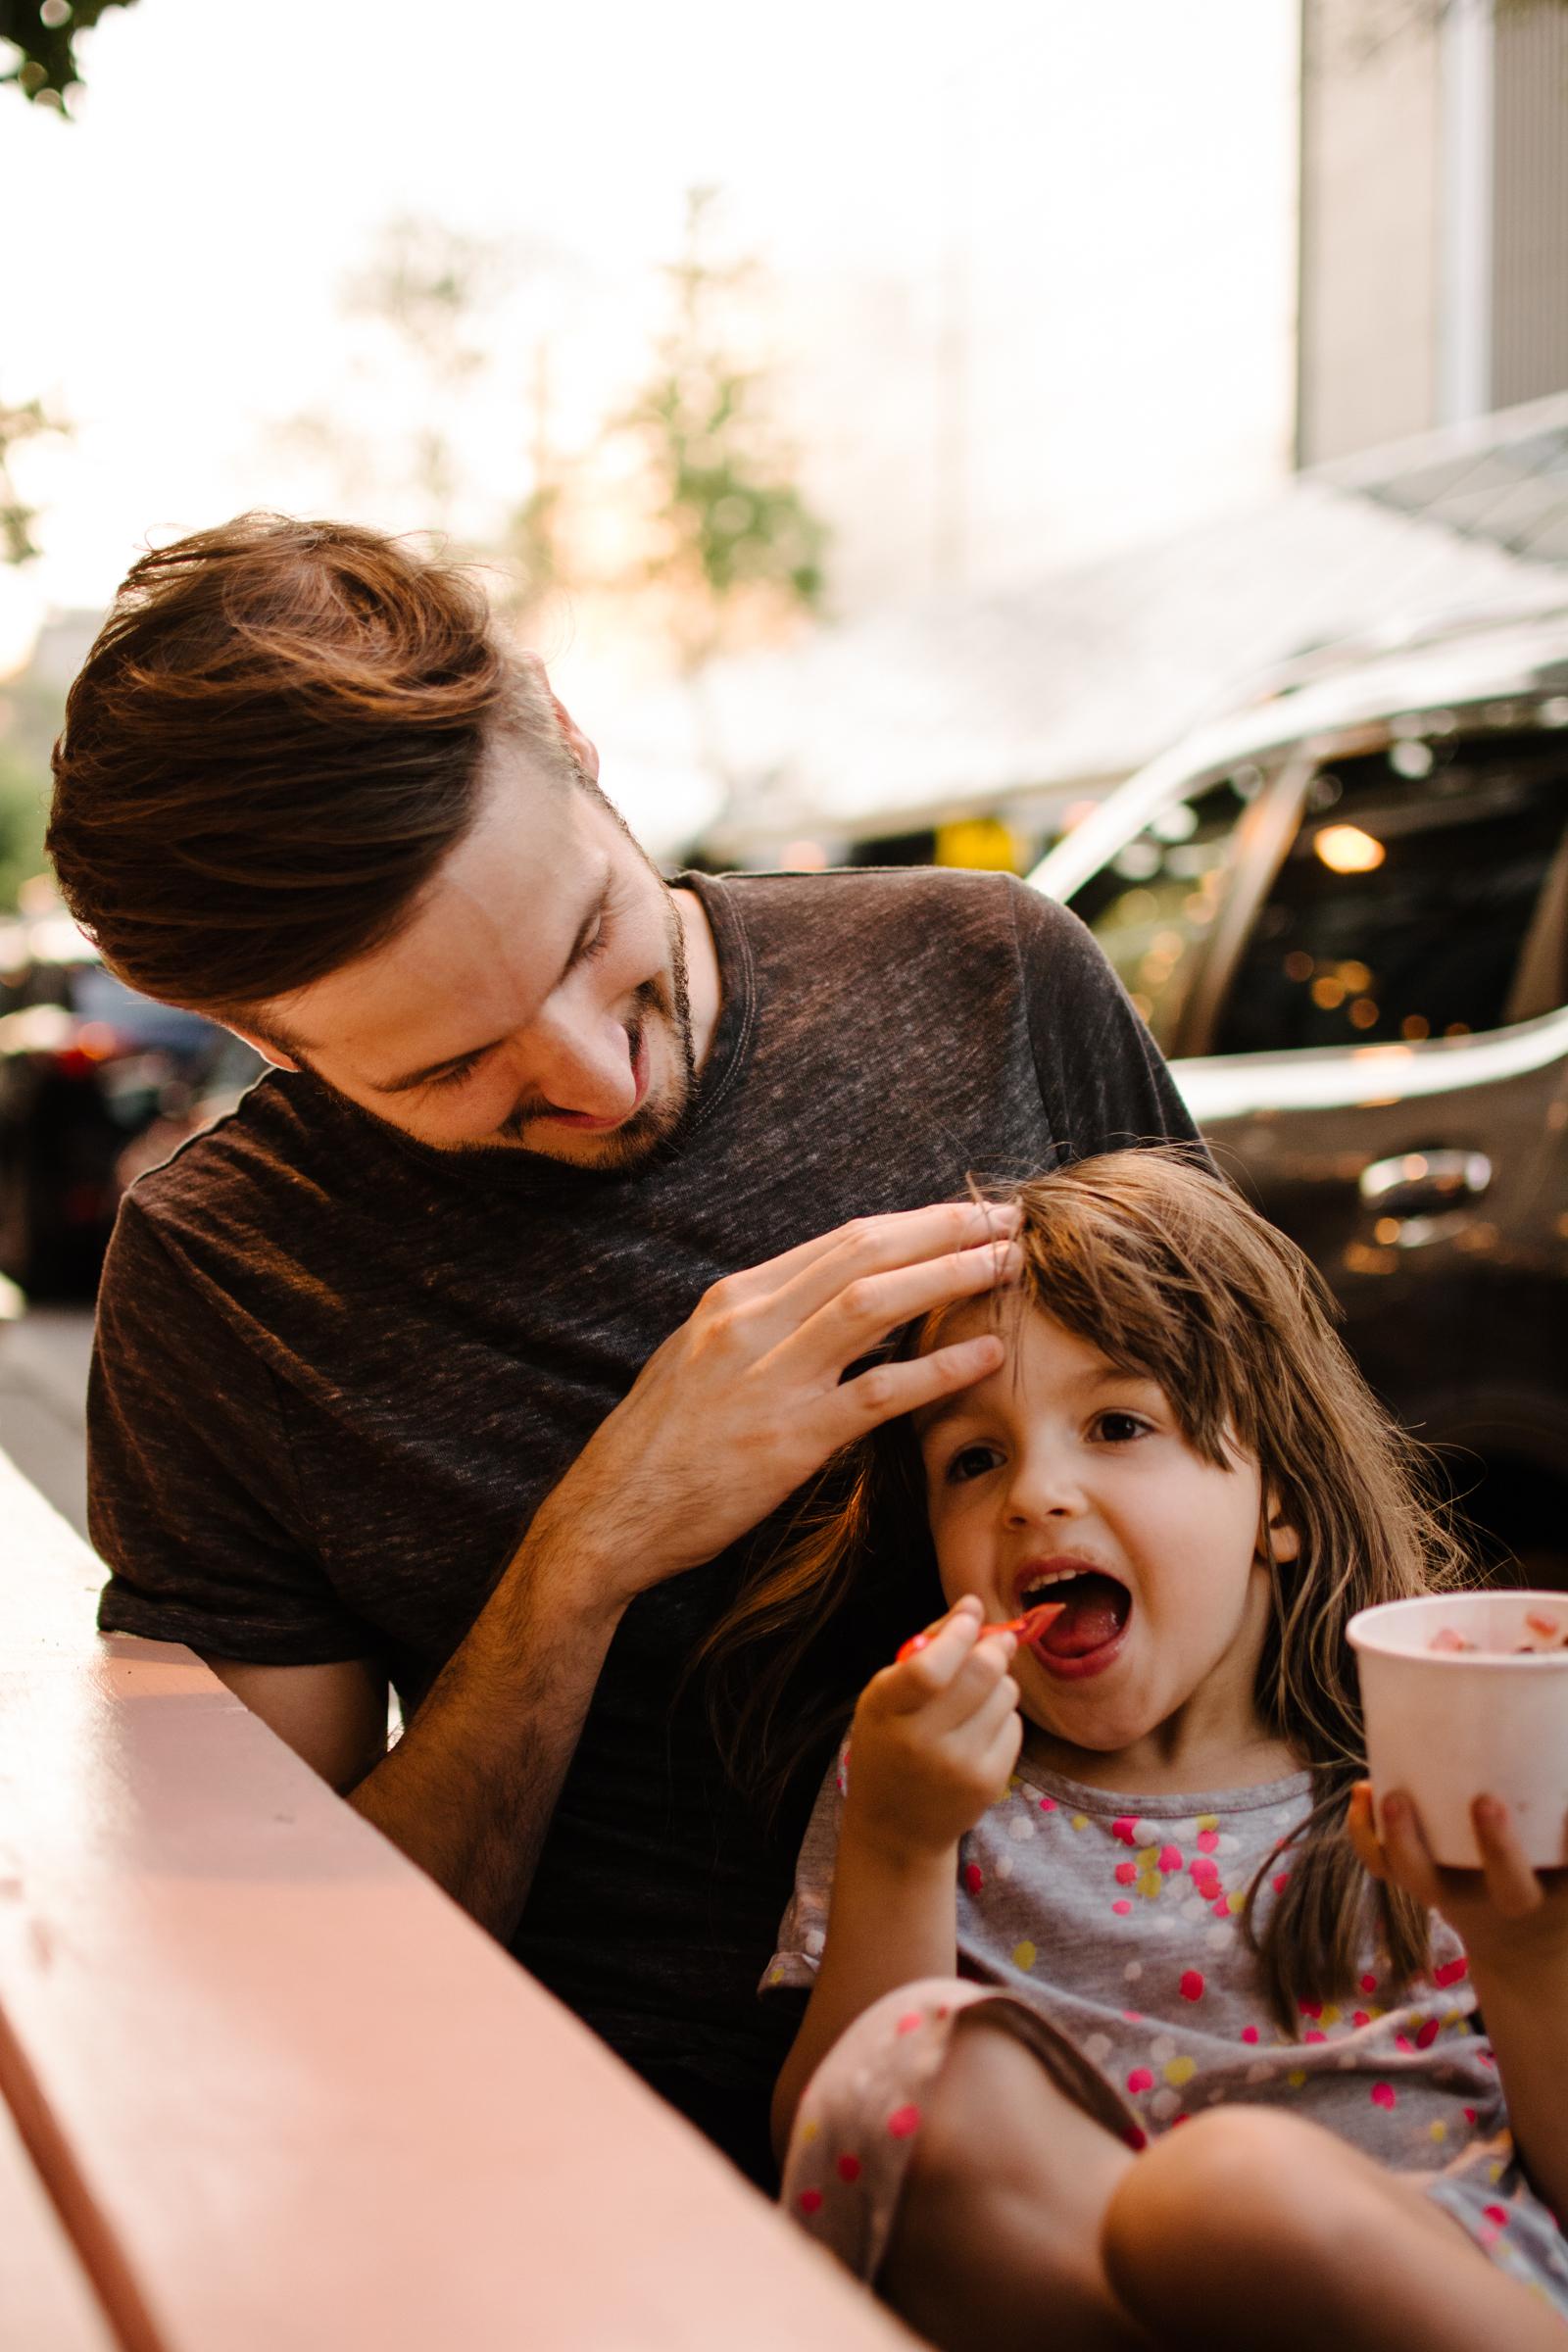 photo-d-une-fillette-qui-mange-de-la-gelato-avec-son-pere-photographe-lifestyle-de-famille-a-montreal-marianne-charland-094.jpg